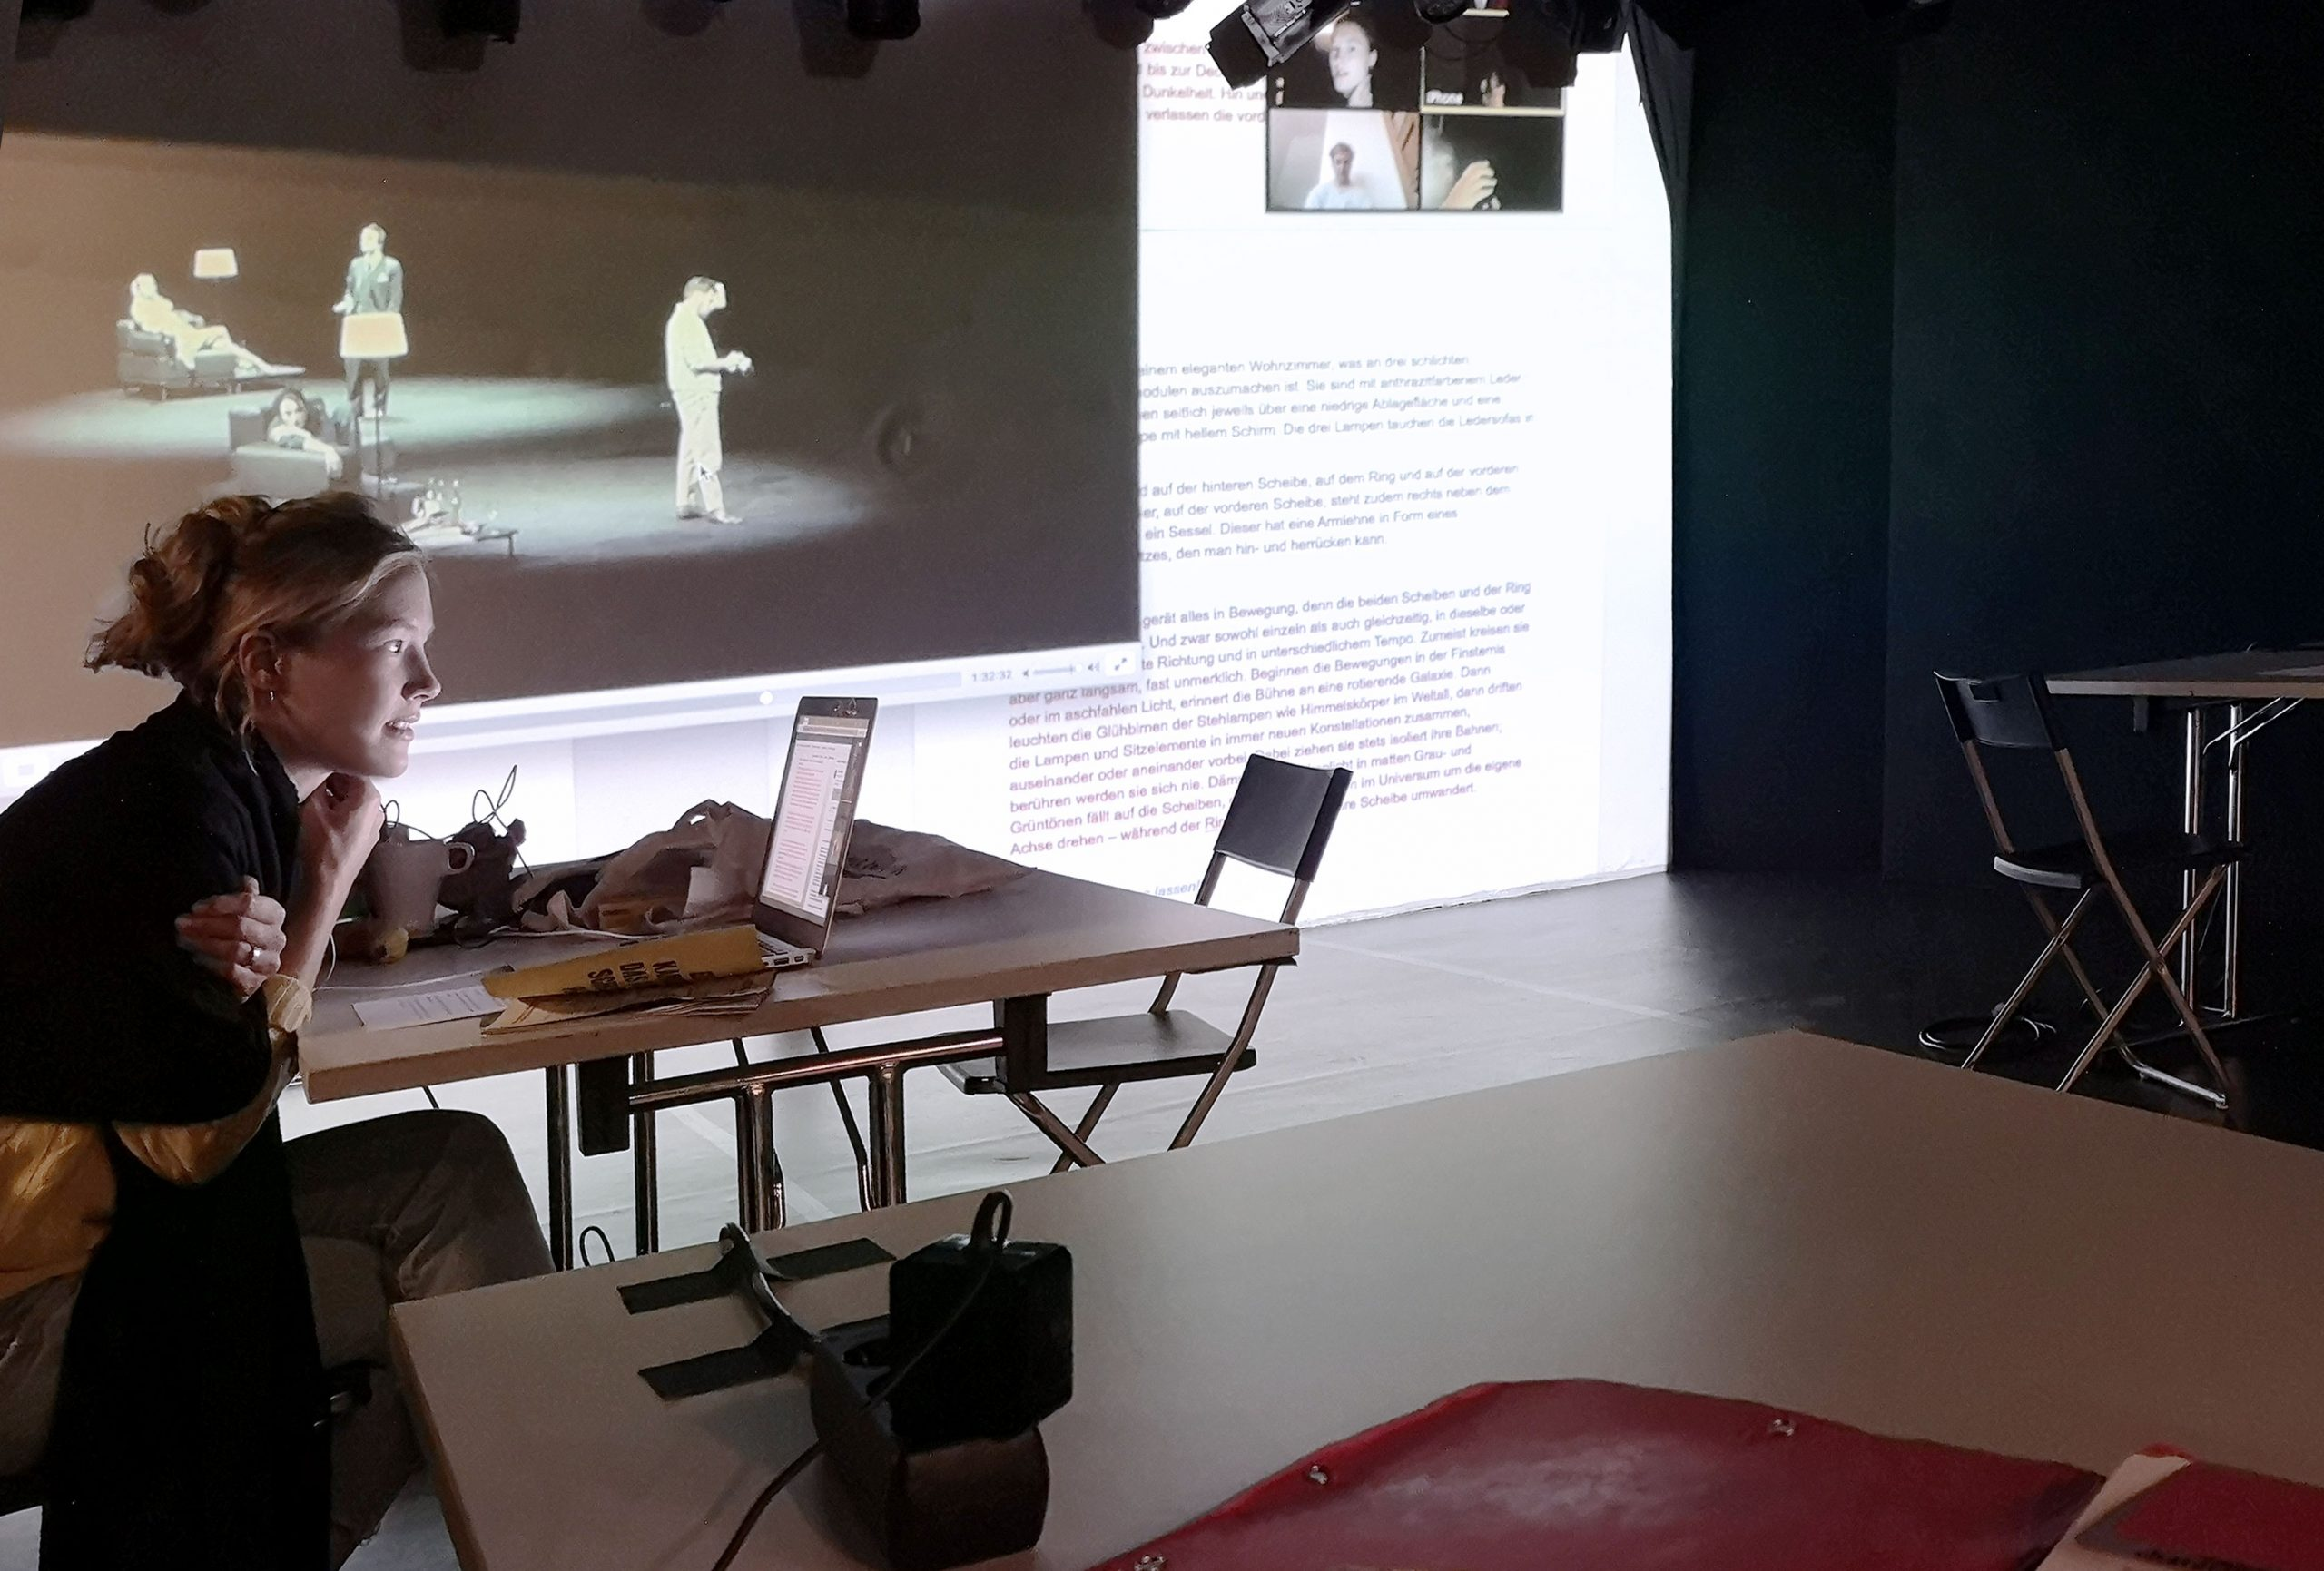 © Imke Baumann. Die Audiodeskriptorin Charlotte Miggel sitzt an einem Tisch, vor ihr liegt ein Laptop. Seitlich von ihr ist eine große Projektionsfläche mit dem Video einer Spielszene zu sehen, dahinter ist eine weiße Fläche mit Text und im oberen abgetrennten Teil die vier Teilnehmer, die per ZOOM dazu geschaltet sind.